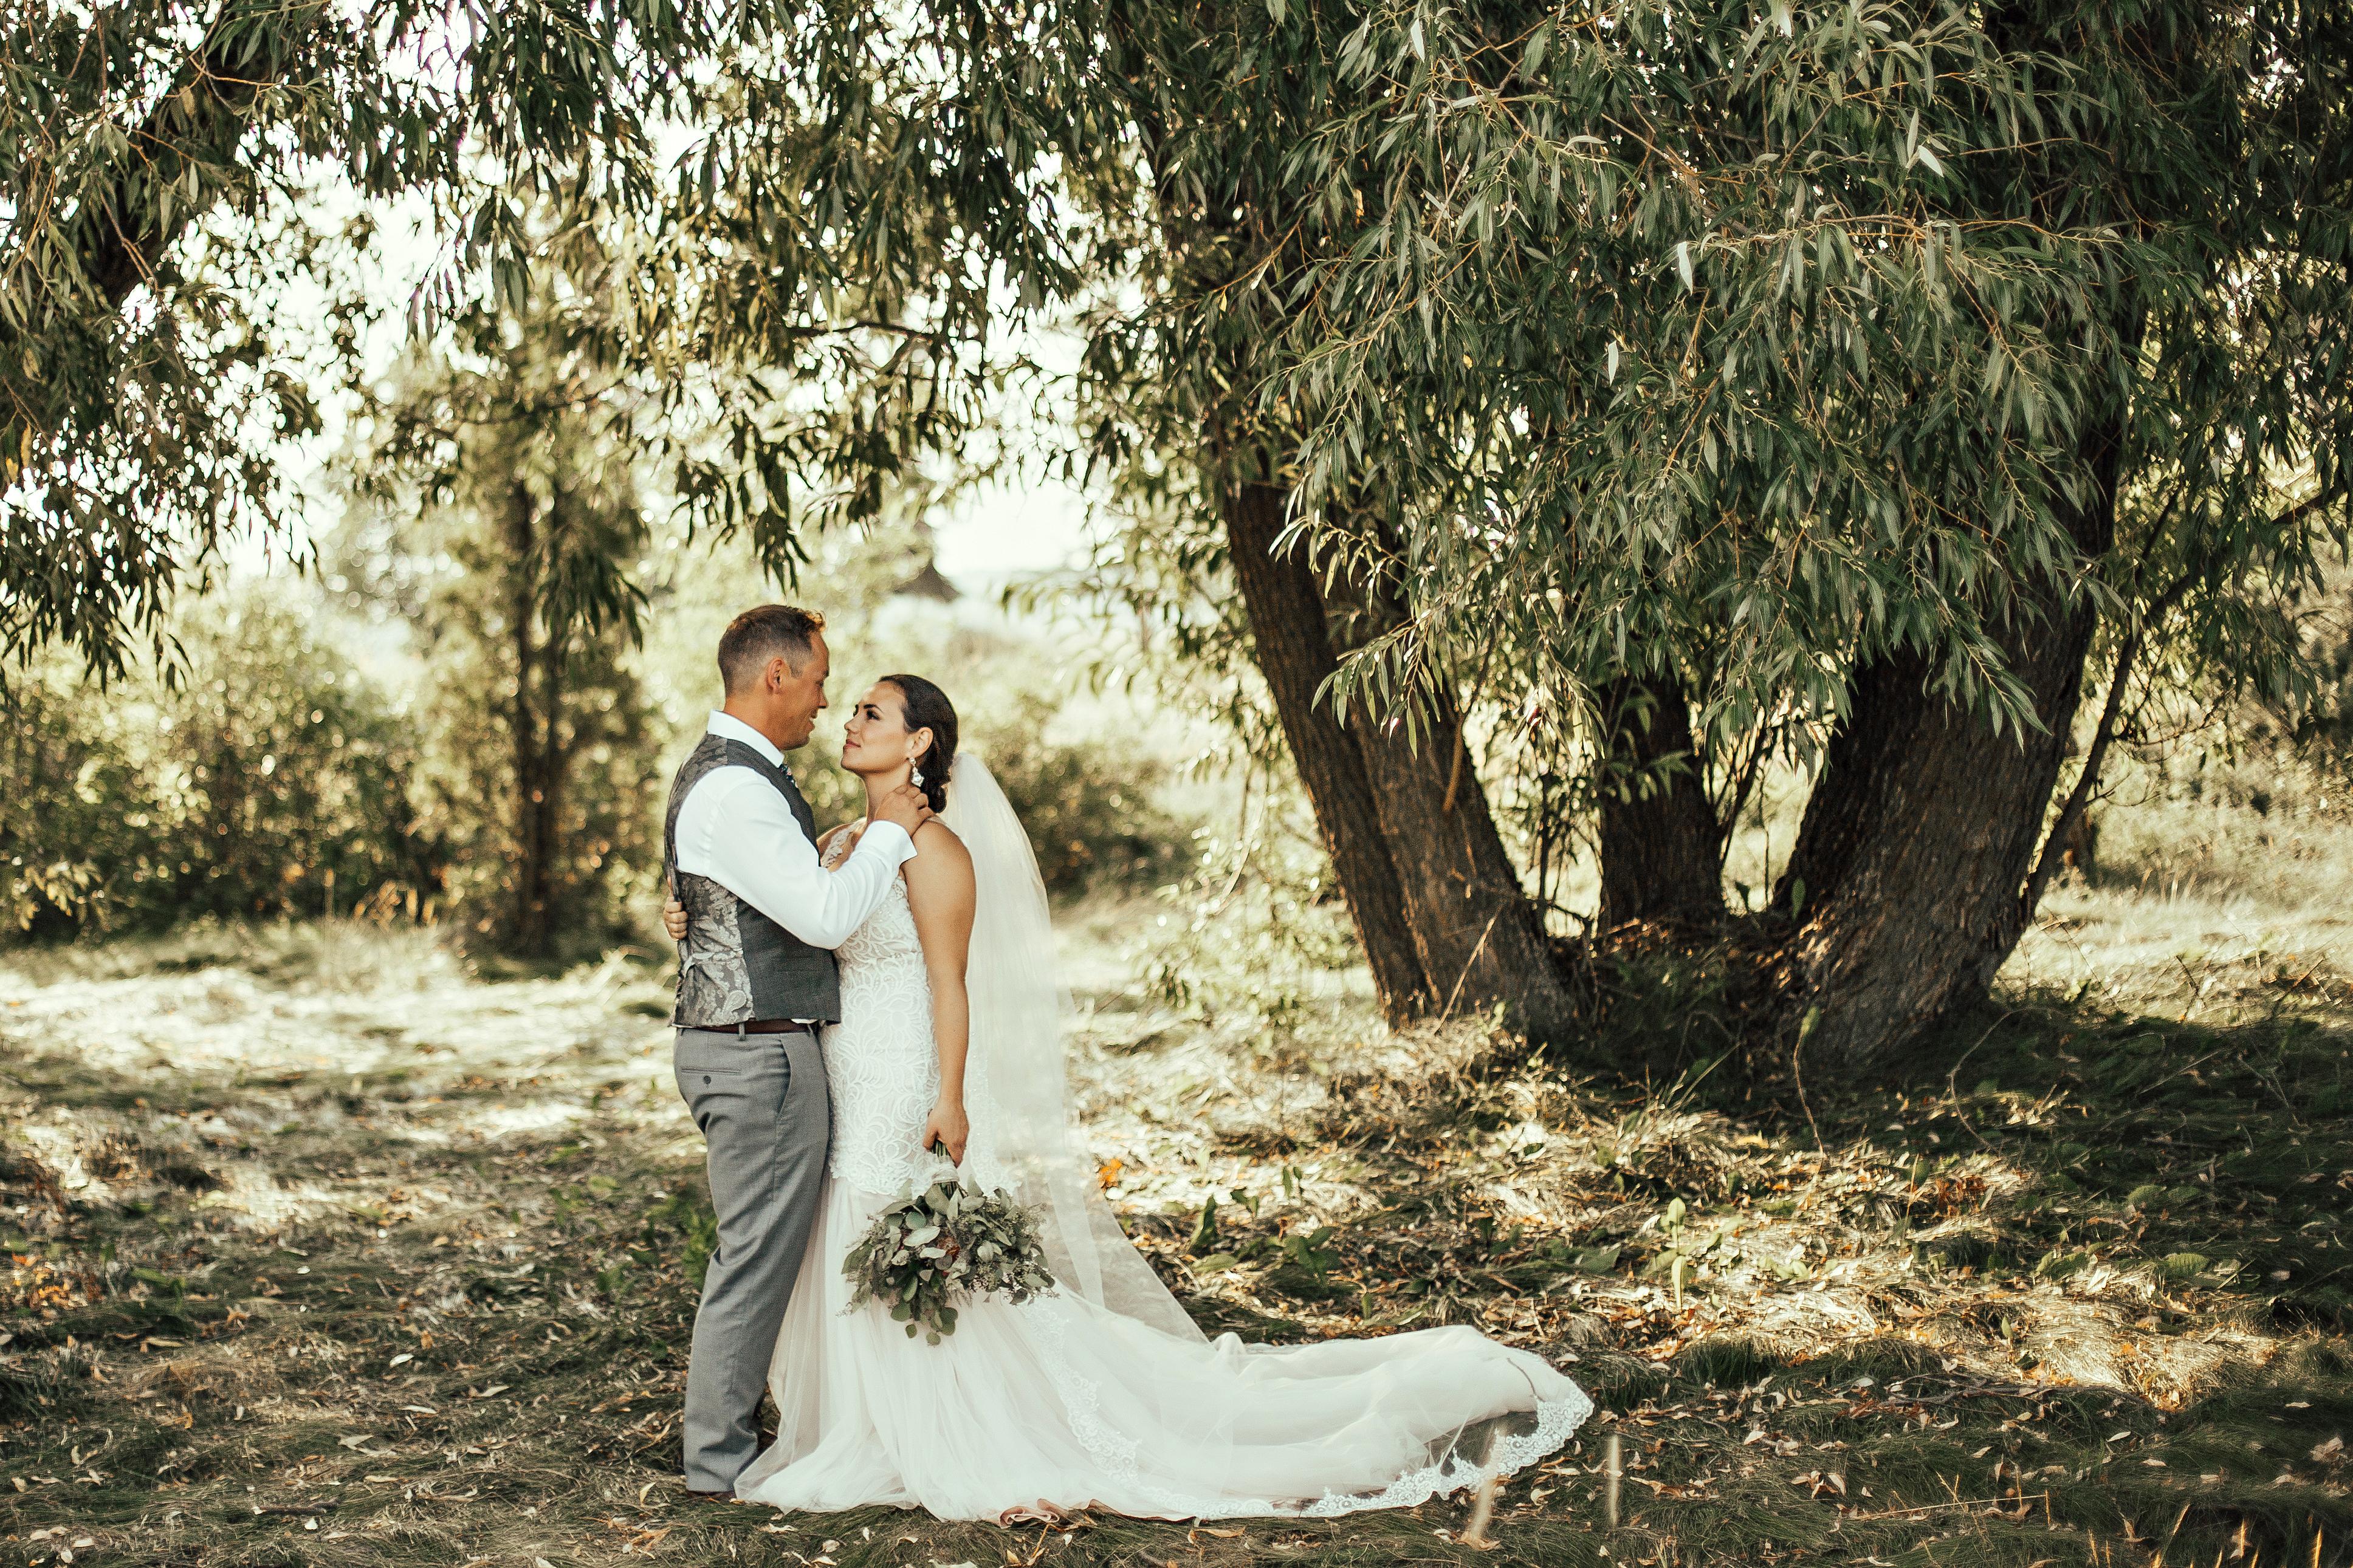 Horning_Wedding2018_Formals_MRP-59